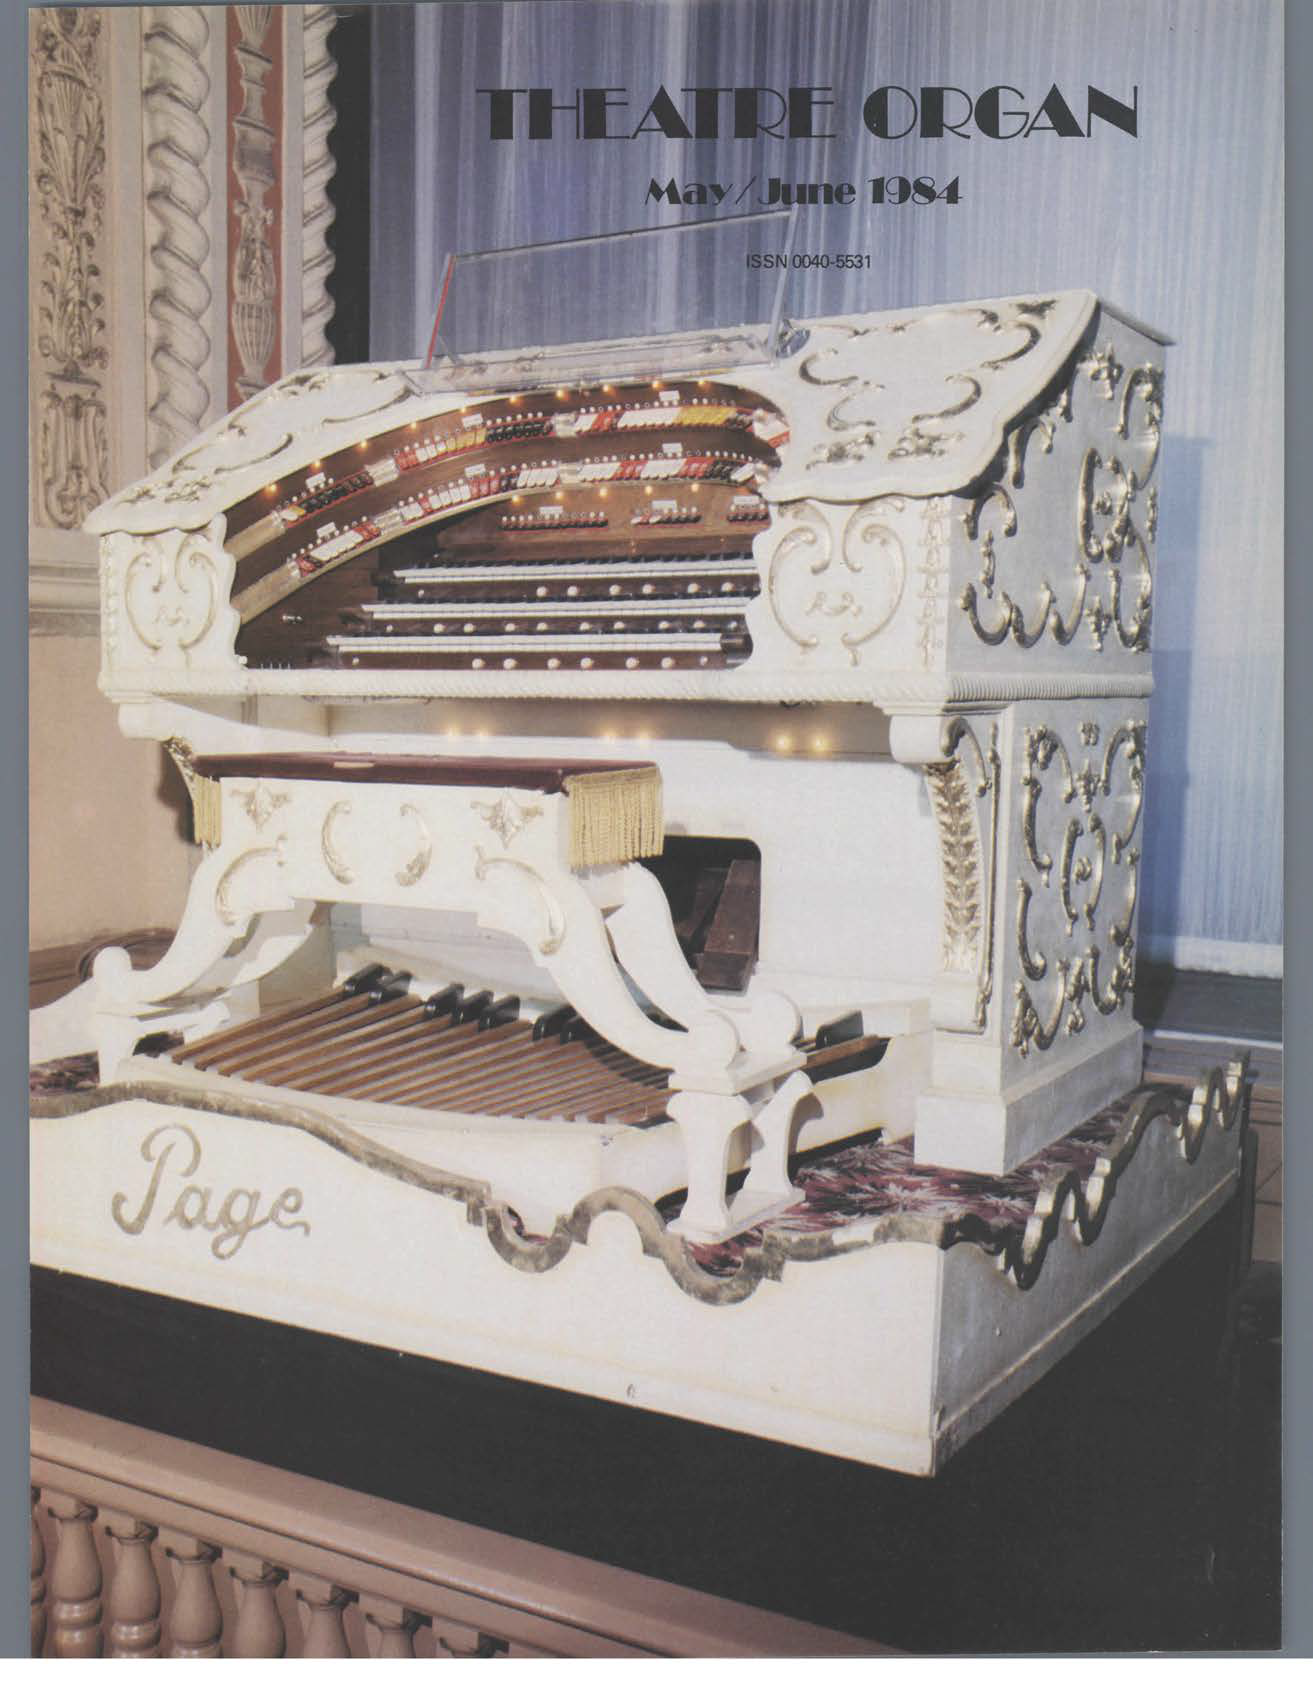 Theatre Organ, May - June 1984, Volume 26, Number 3